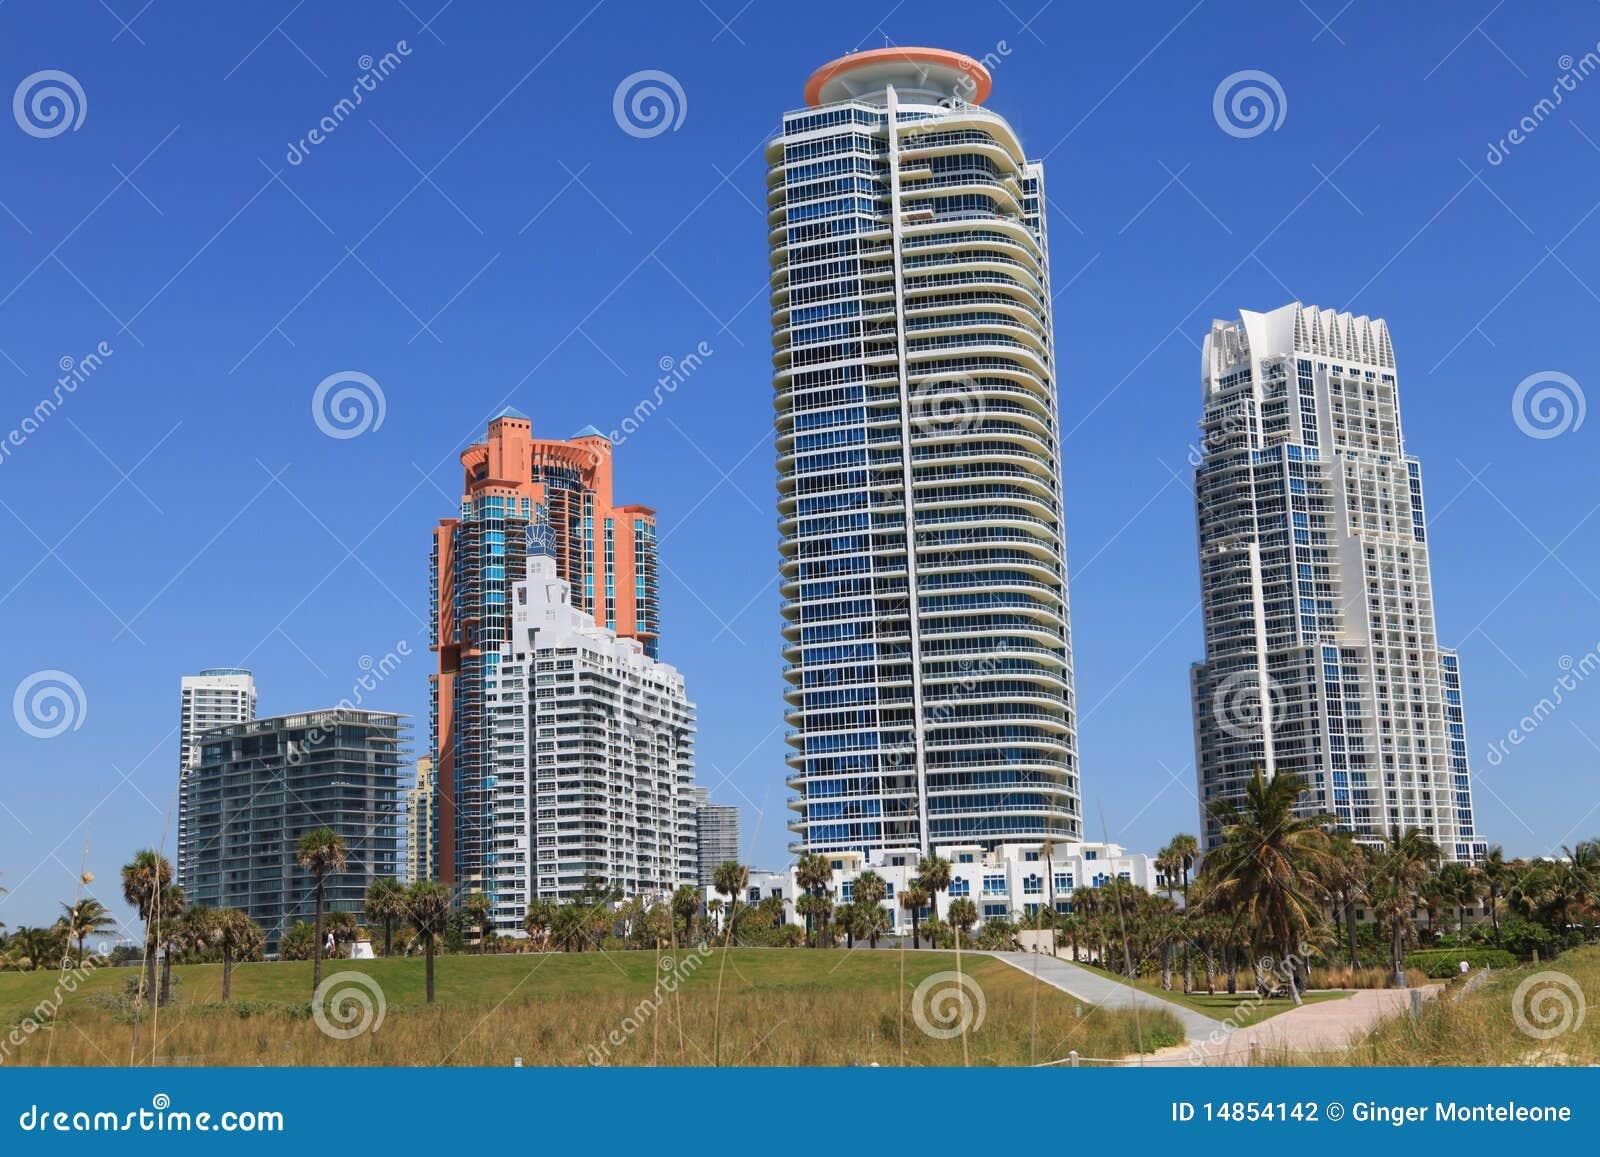 South Point, Miami Florida